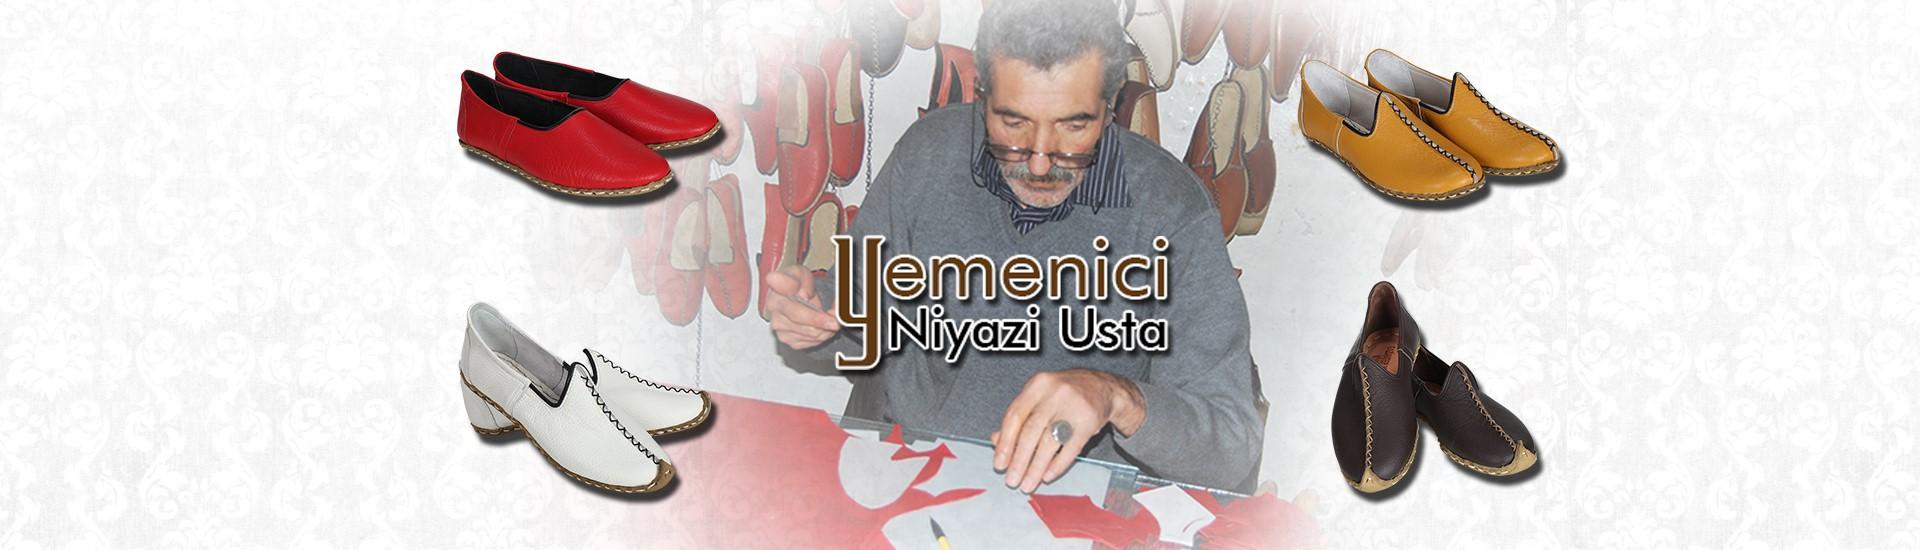 yemenici_niyazi_usta1